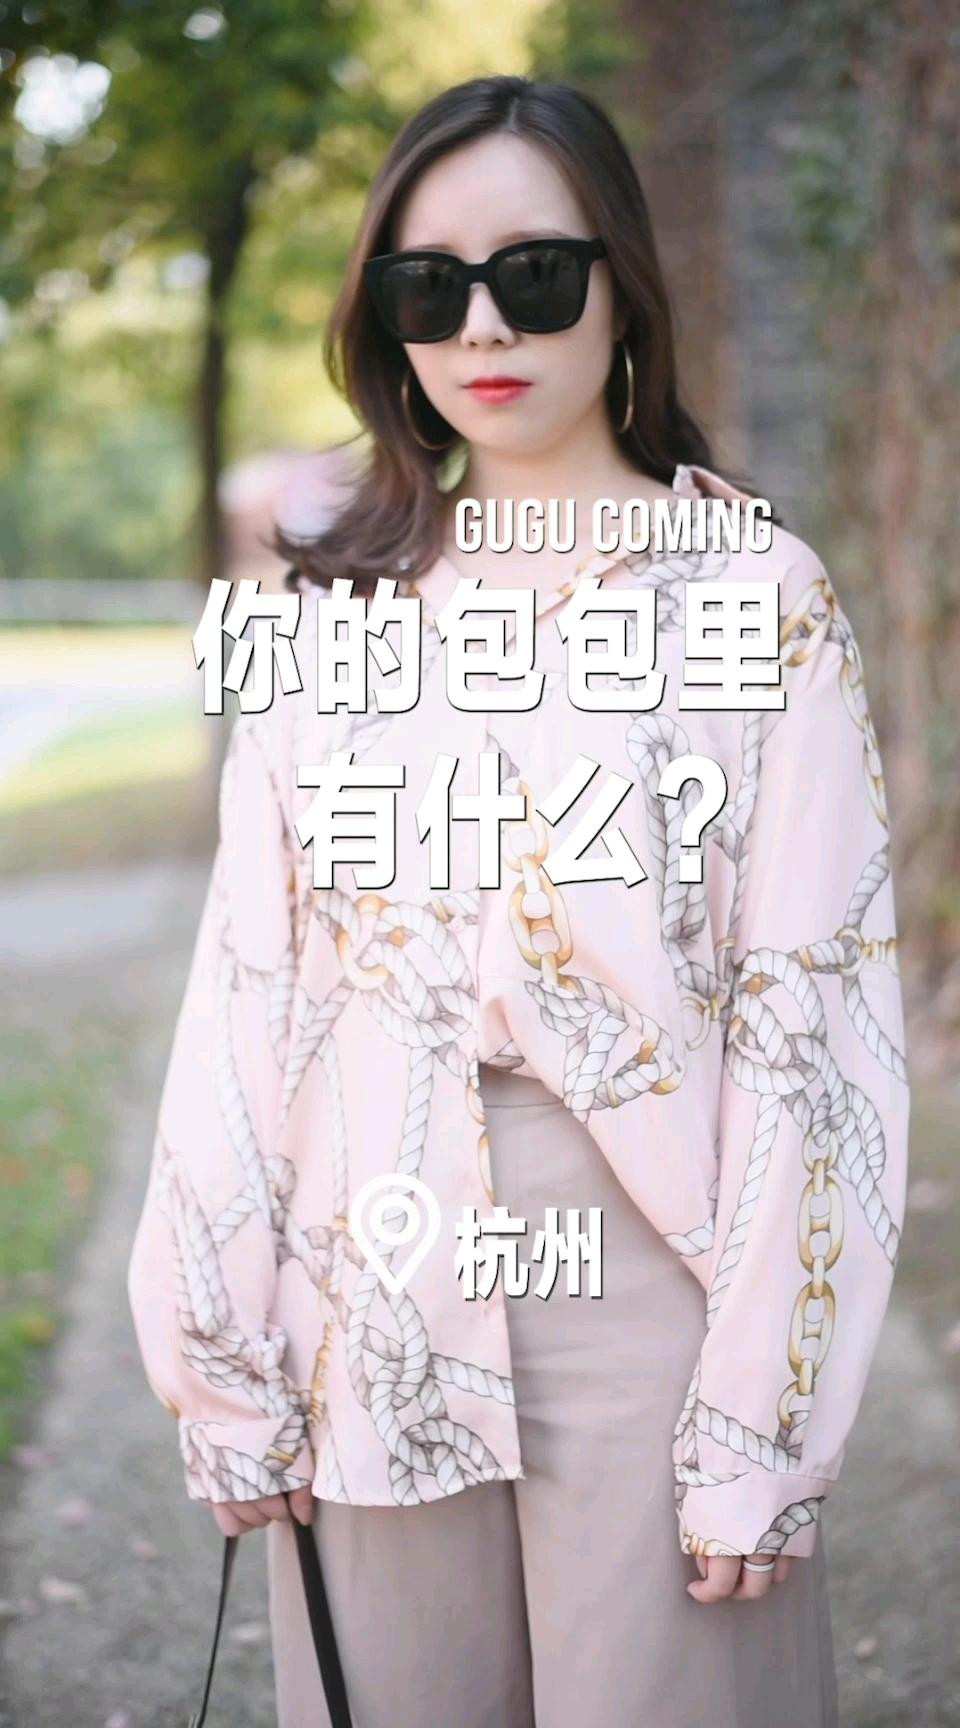 小姐姐的vintage Fendi开包,好多实用小物#杭州#大家买过什么vintage单品呀?